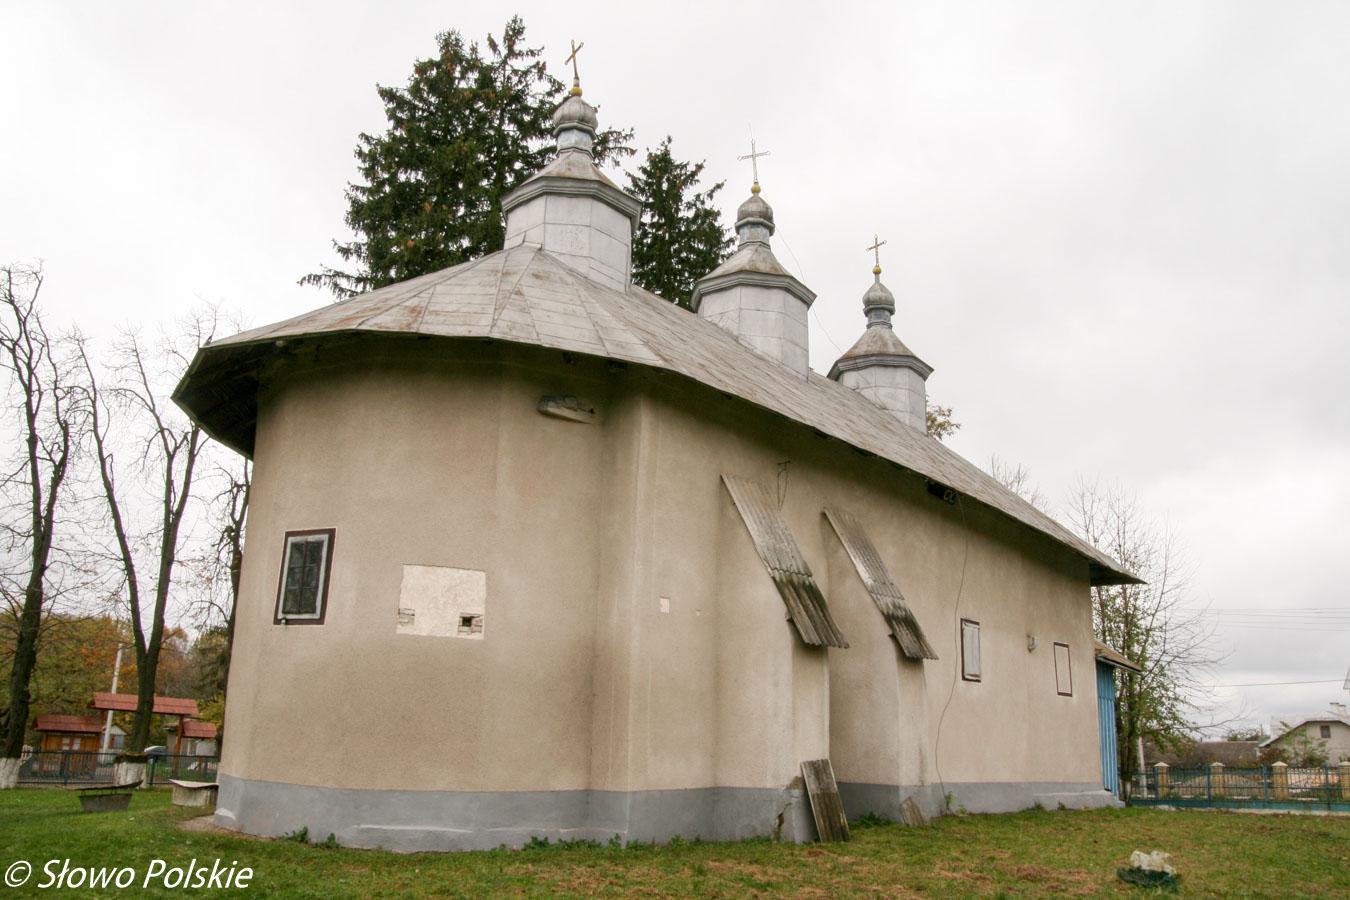 Wygląd zewnętrzny łużańskiej cerkwi